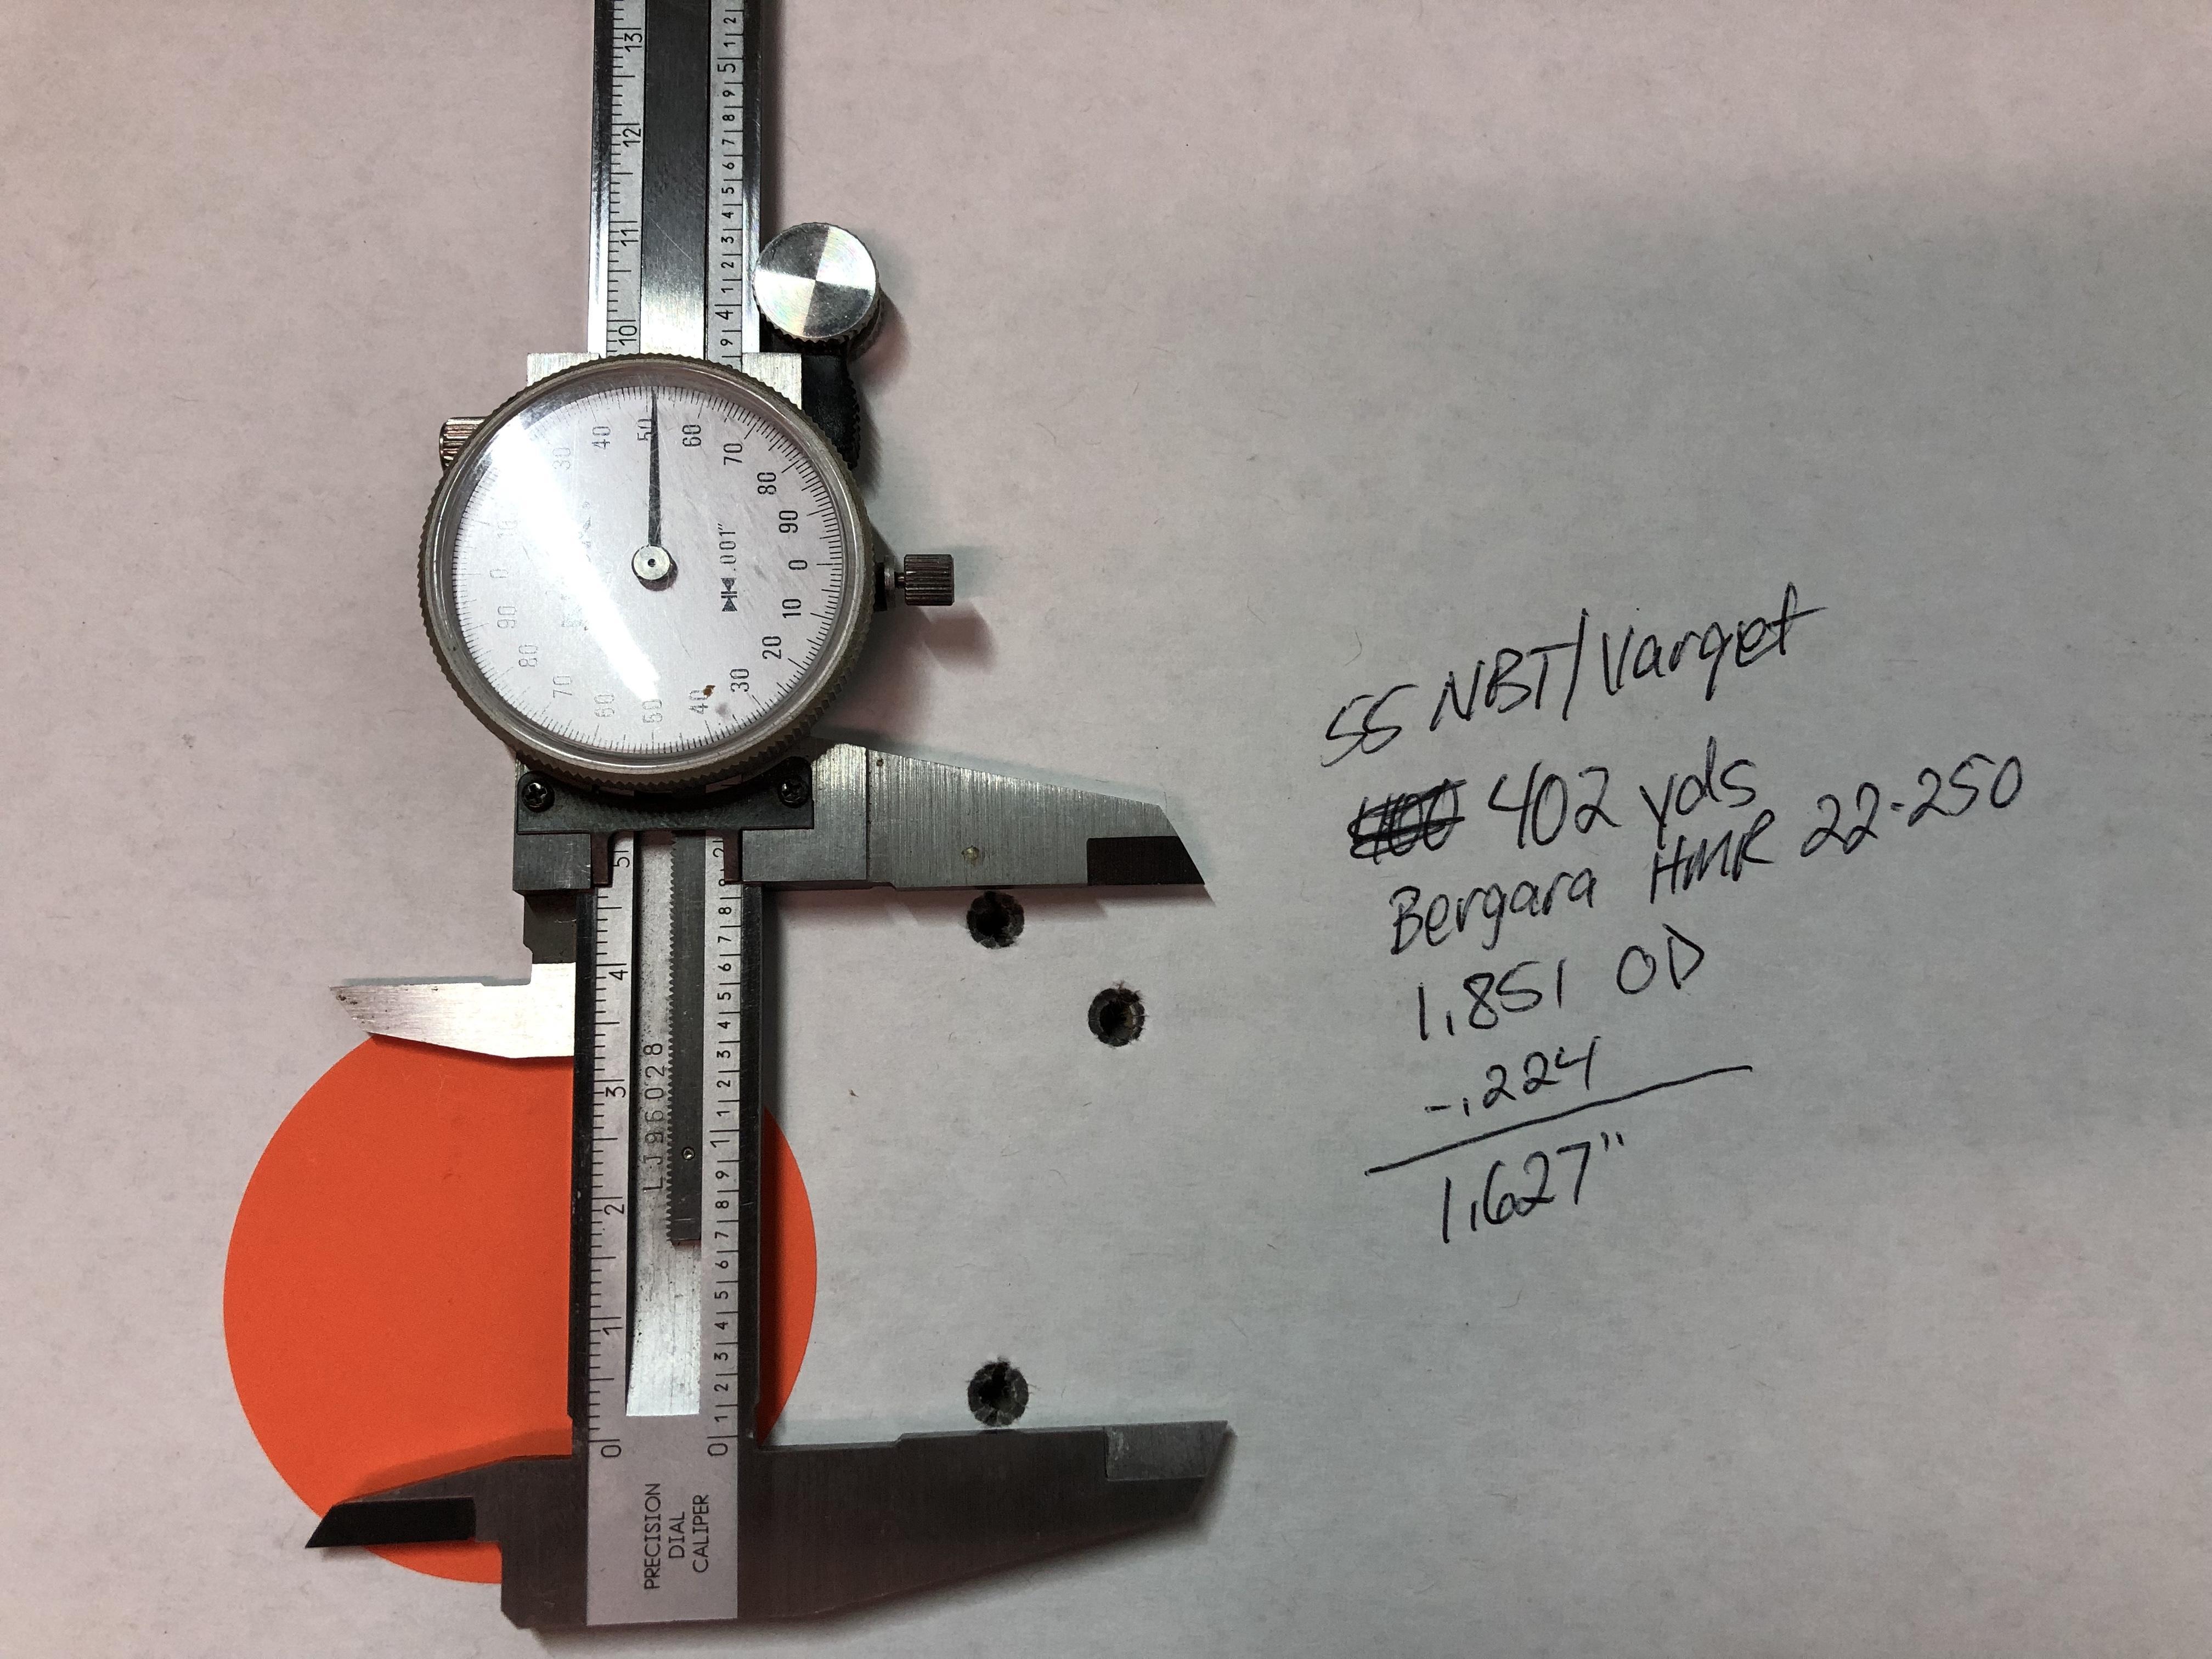 2BF79387-D9F8-45F5-A727-ACF730668331.jpeg